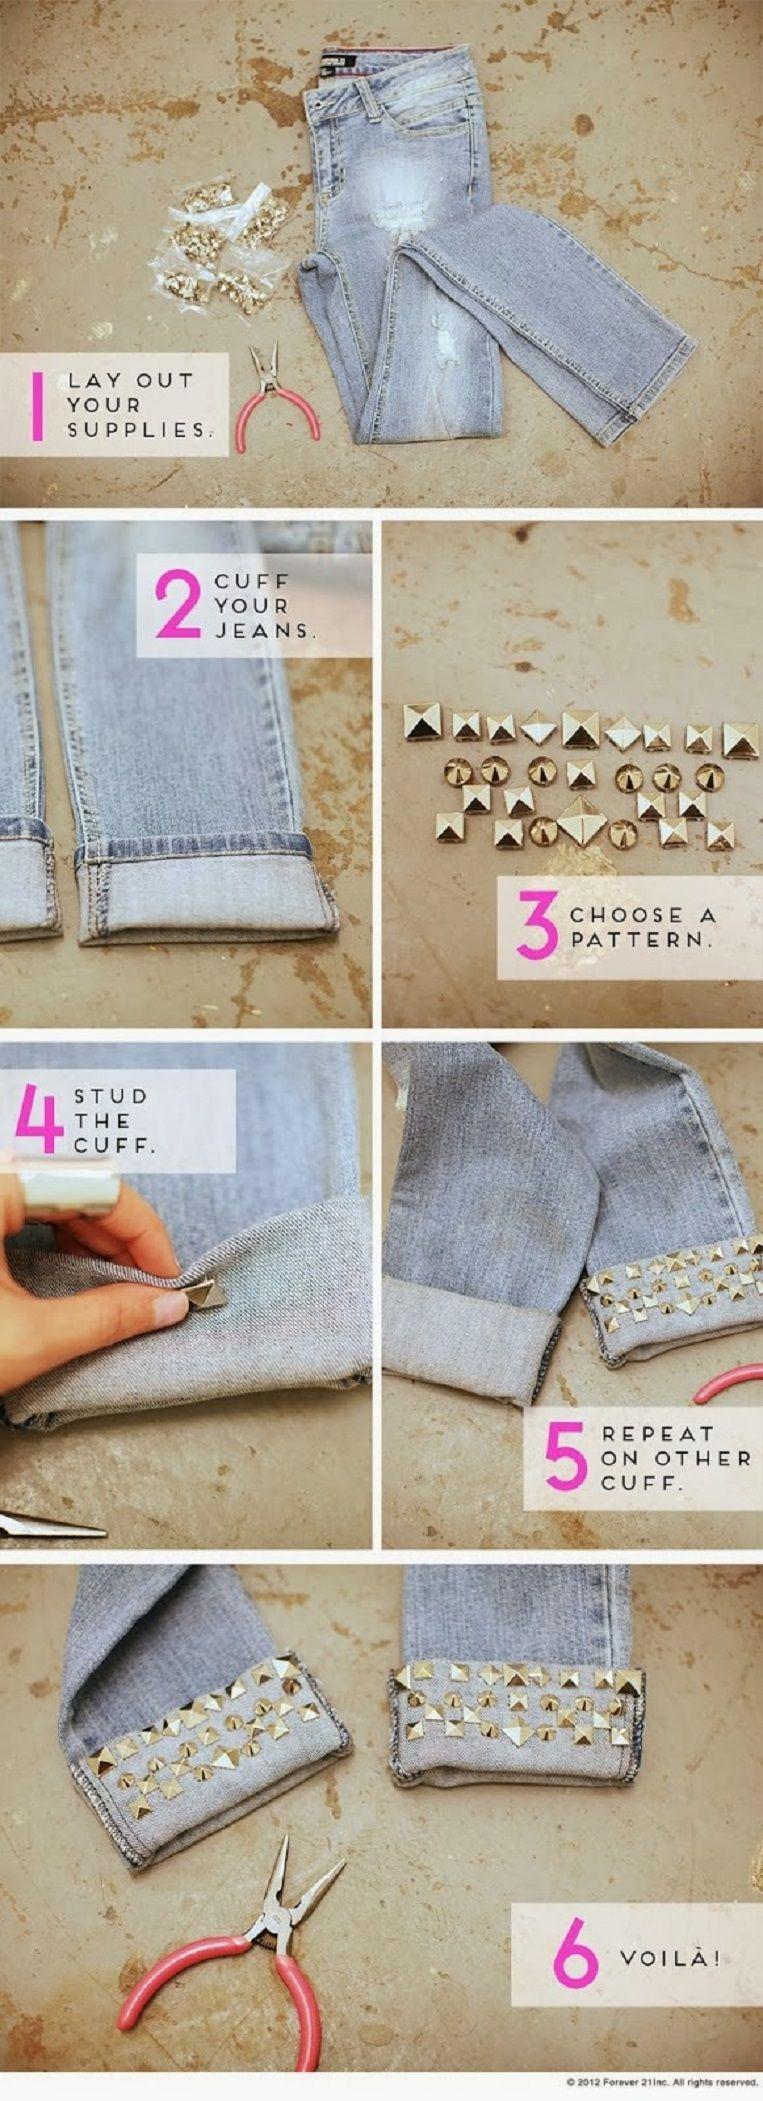 DIY-Embellished-Jeans.jpg (763×2101)